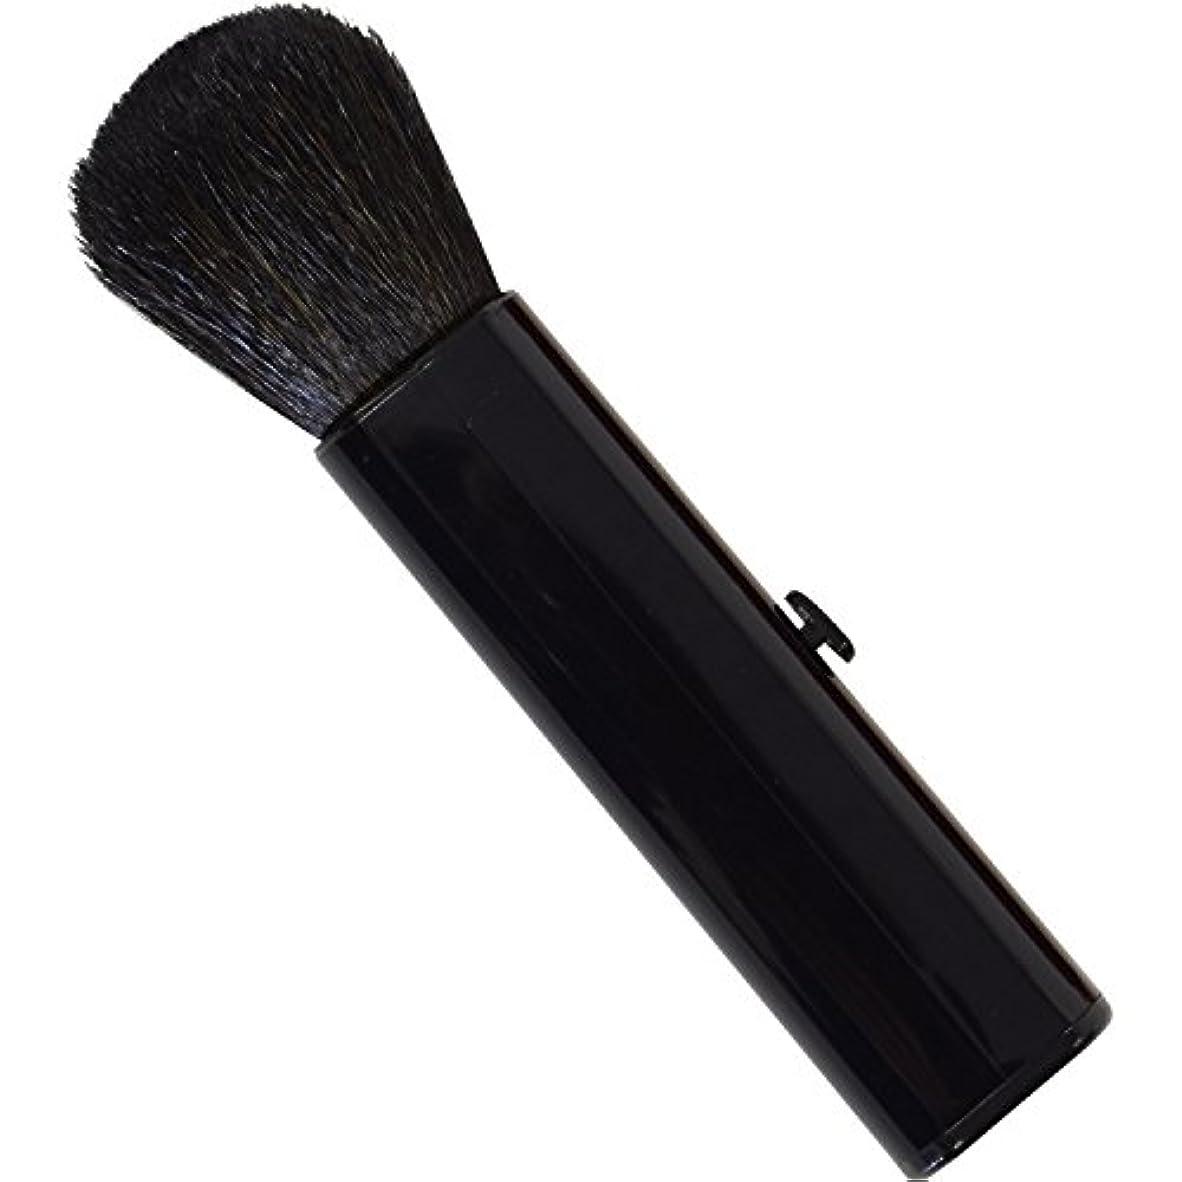 シングル生まれ再生的SC-704BK 六角館さくら堂 スライドチークブラシ 黒 山羊毛100% シンプルなデザイン 便利なケース付き